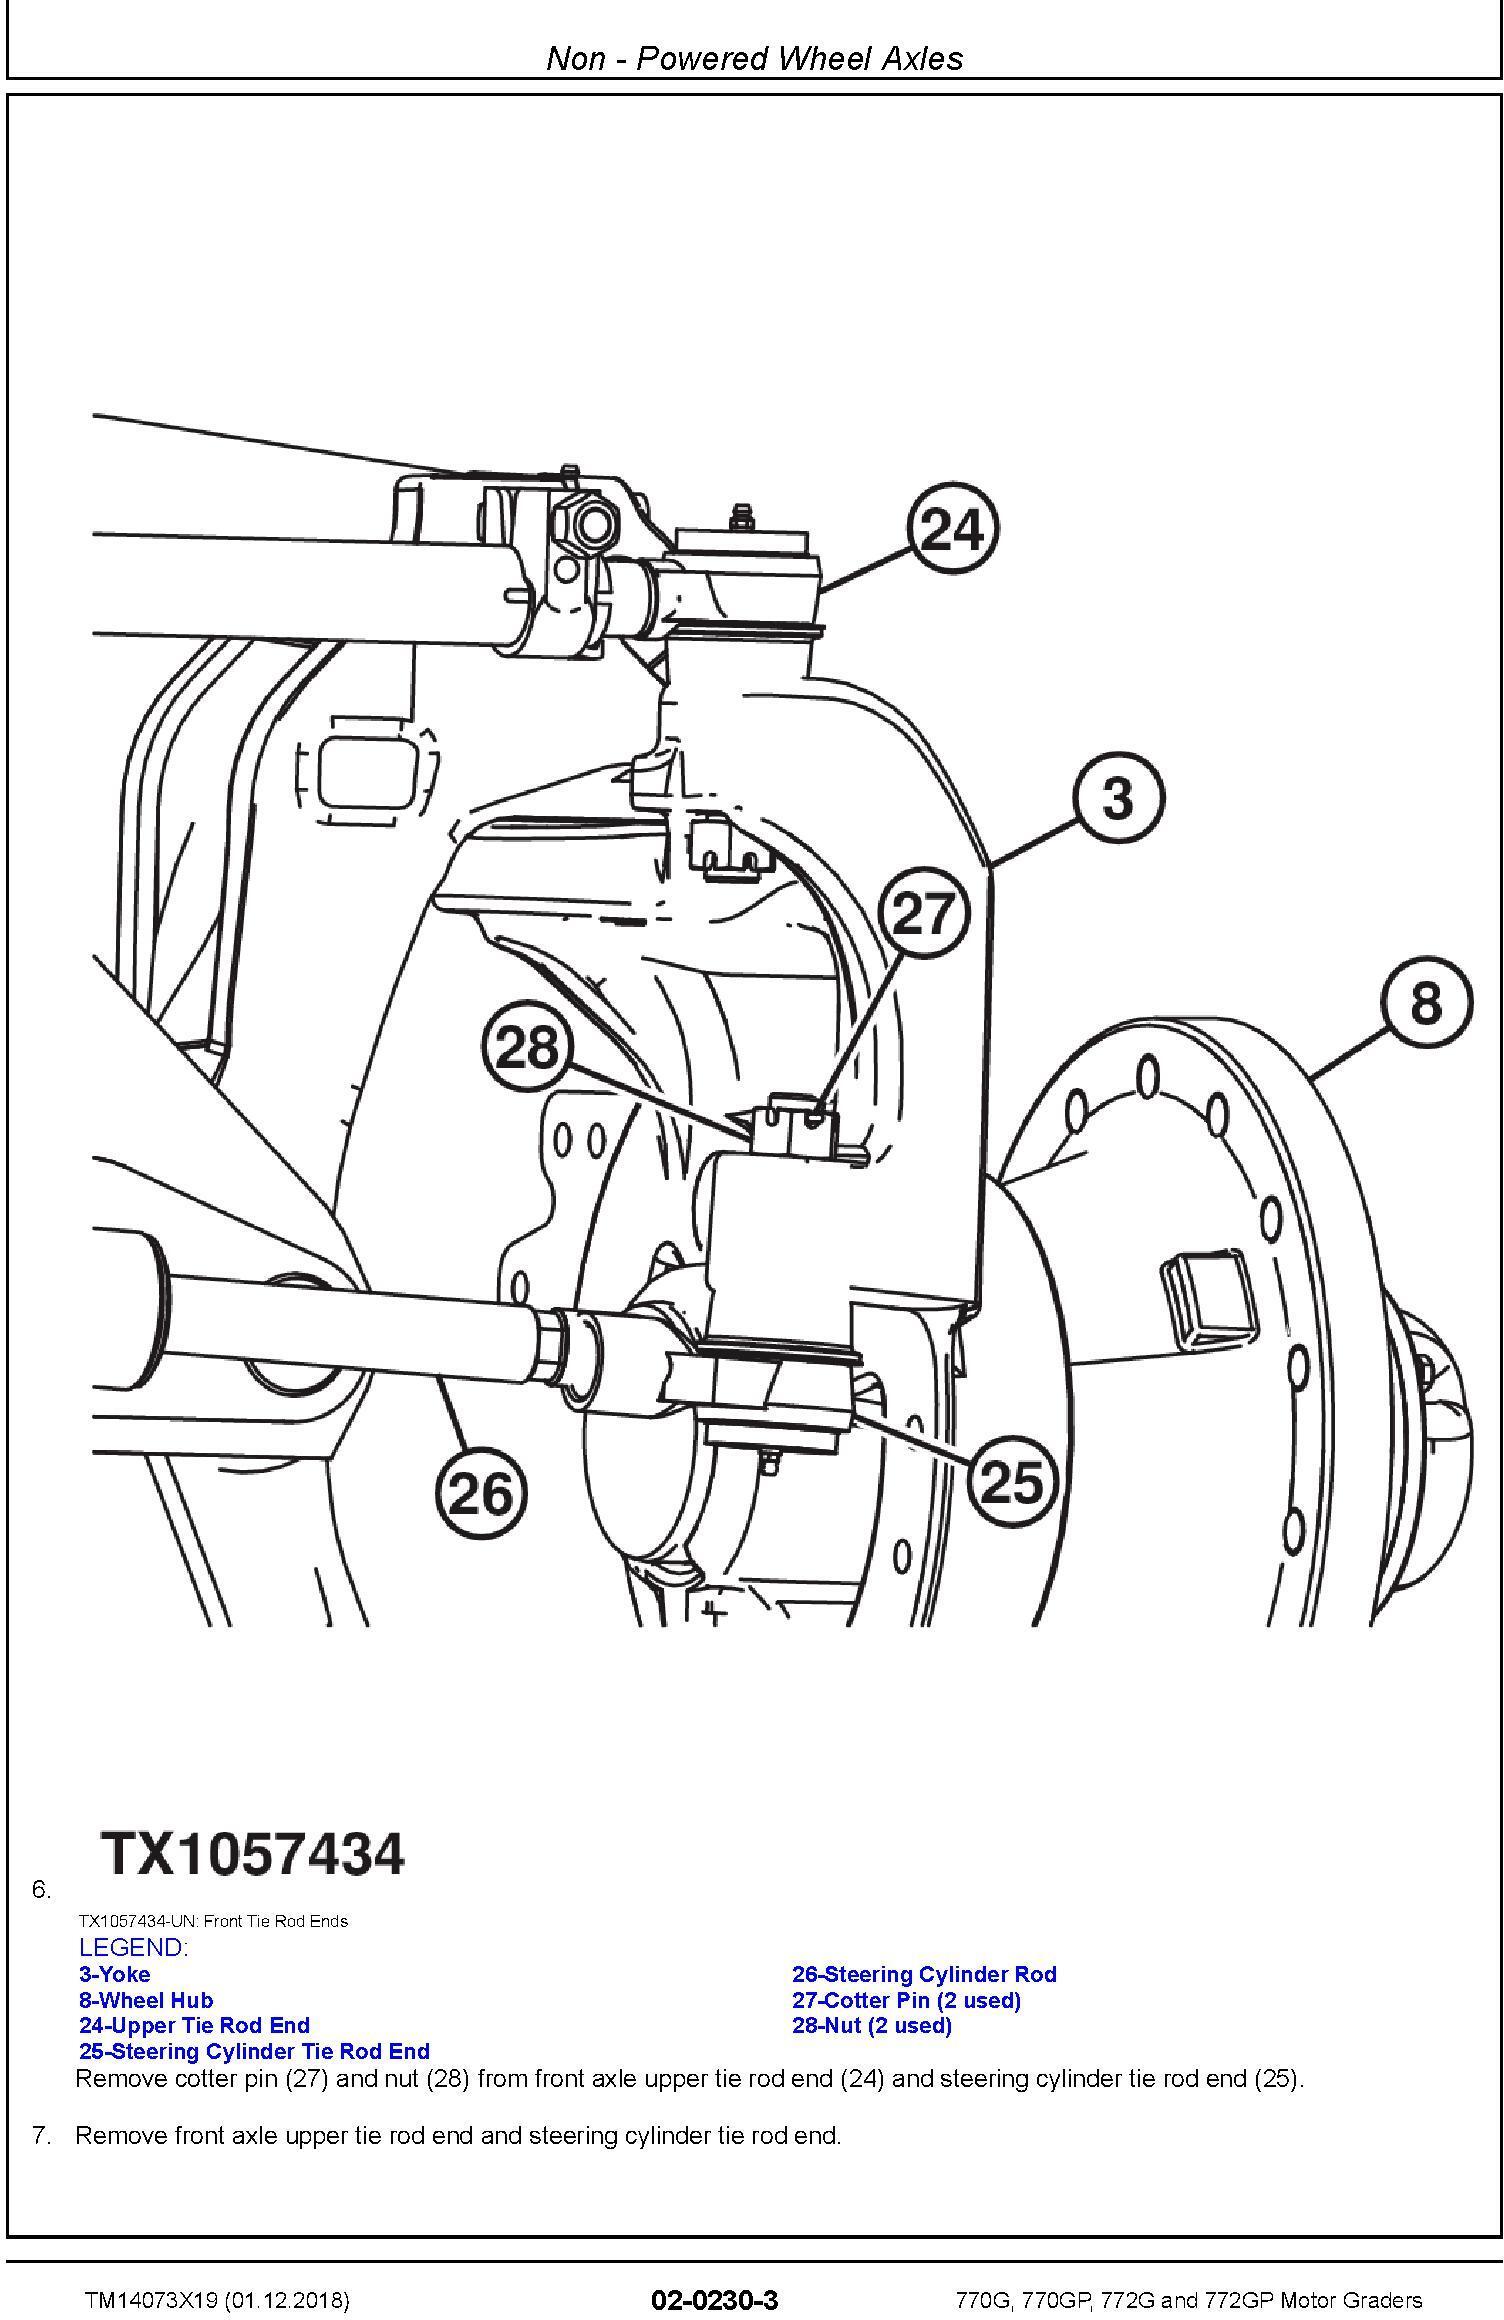 John Deere 770G, 770GP, 772G, 772GP (SN. F678818-680877) Motor Graders Repair Manual (TM14073X19) - 1